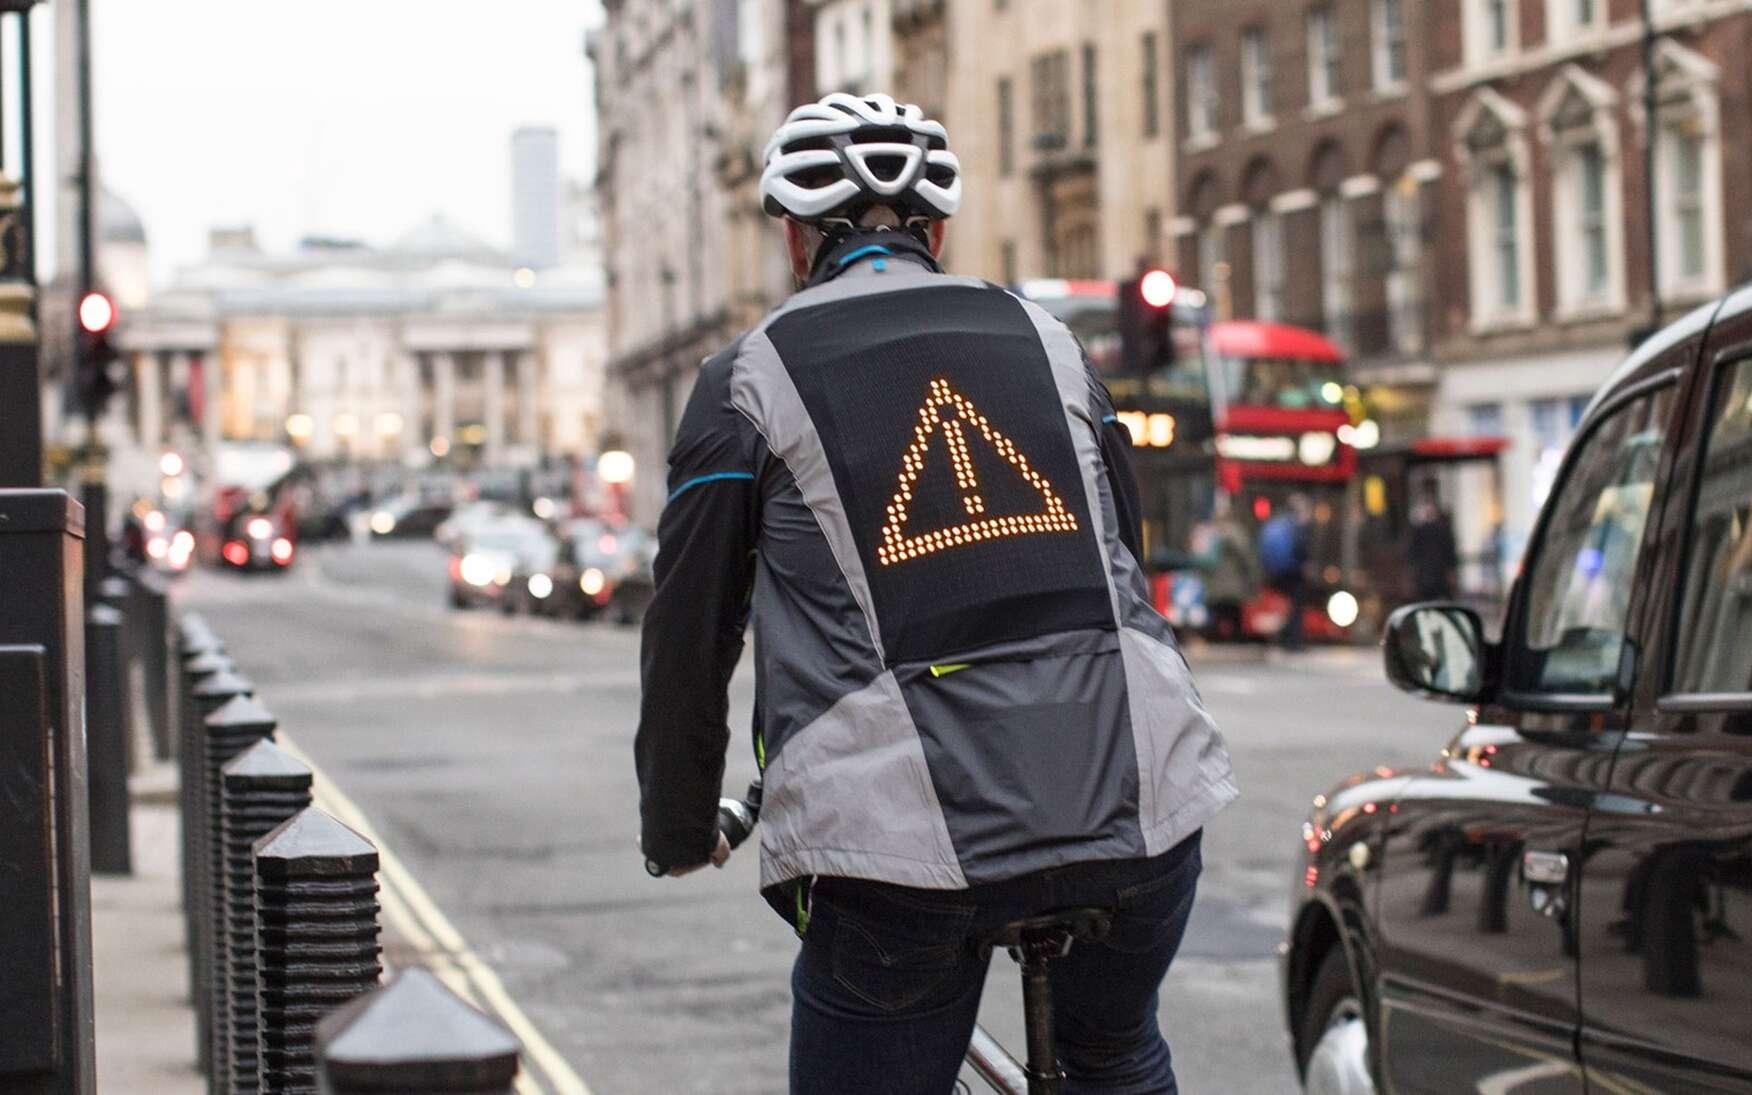 Pour mieux se signaler auprès des voitures et des scooters, Ford a imaginé une veste intelligente avec des smileys mais aussi des clignotants. © Ford